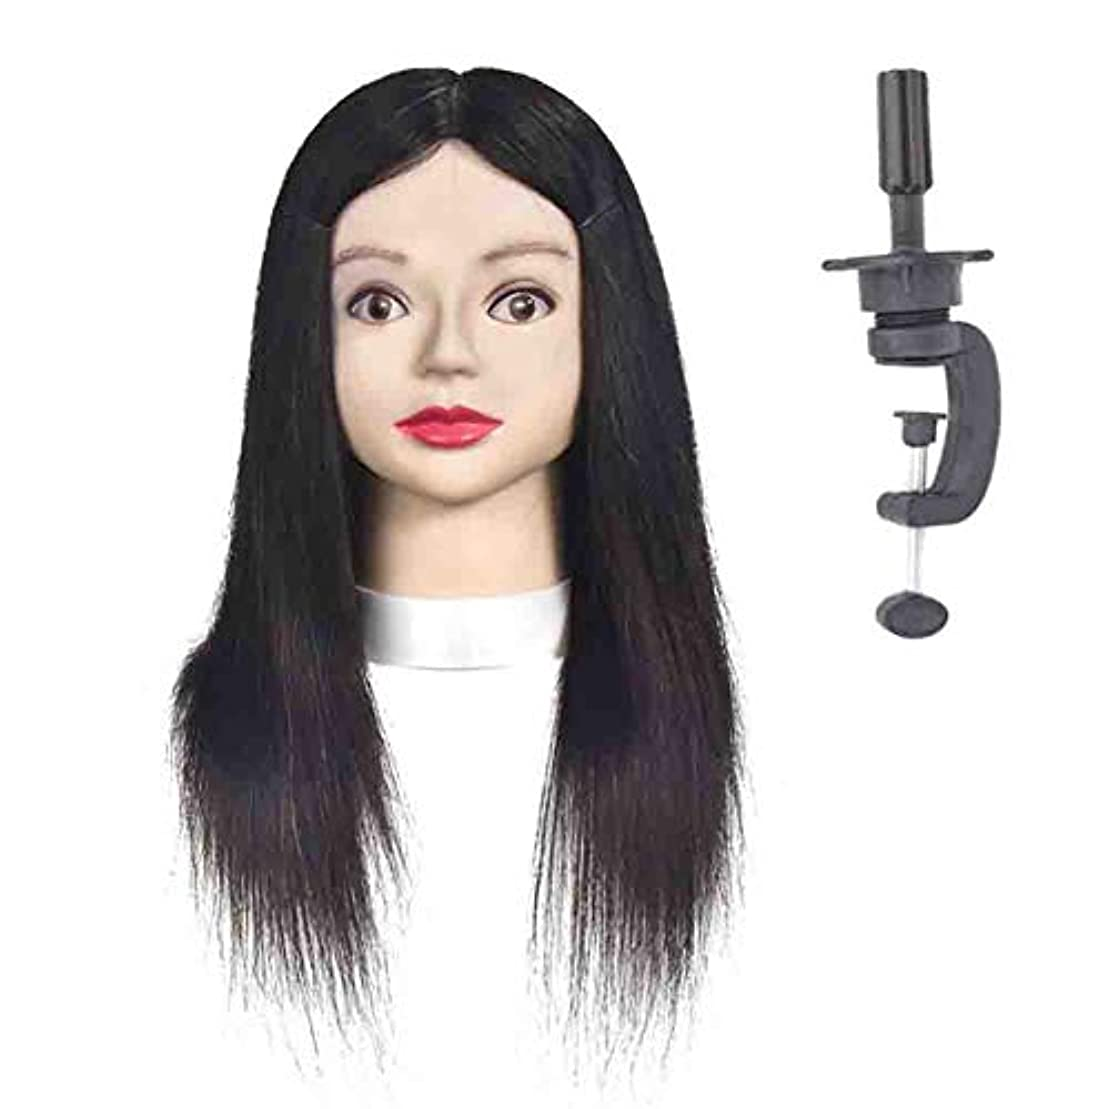 望む副苛性リアルヘアシルク編組ヘアスタイリングヘッドモデル理髪店理髪ダミーヘッドメイクアップ練習マネキンヘッド